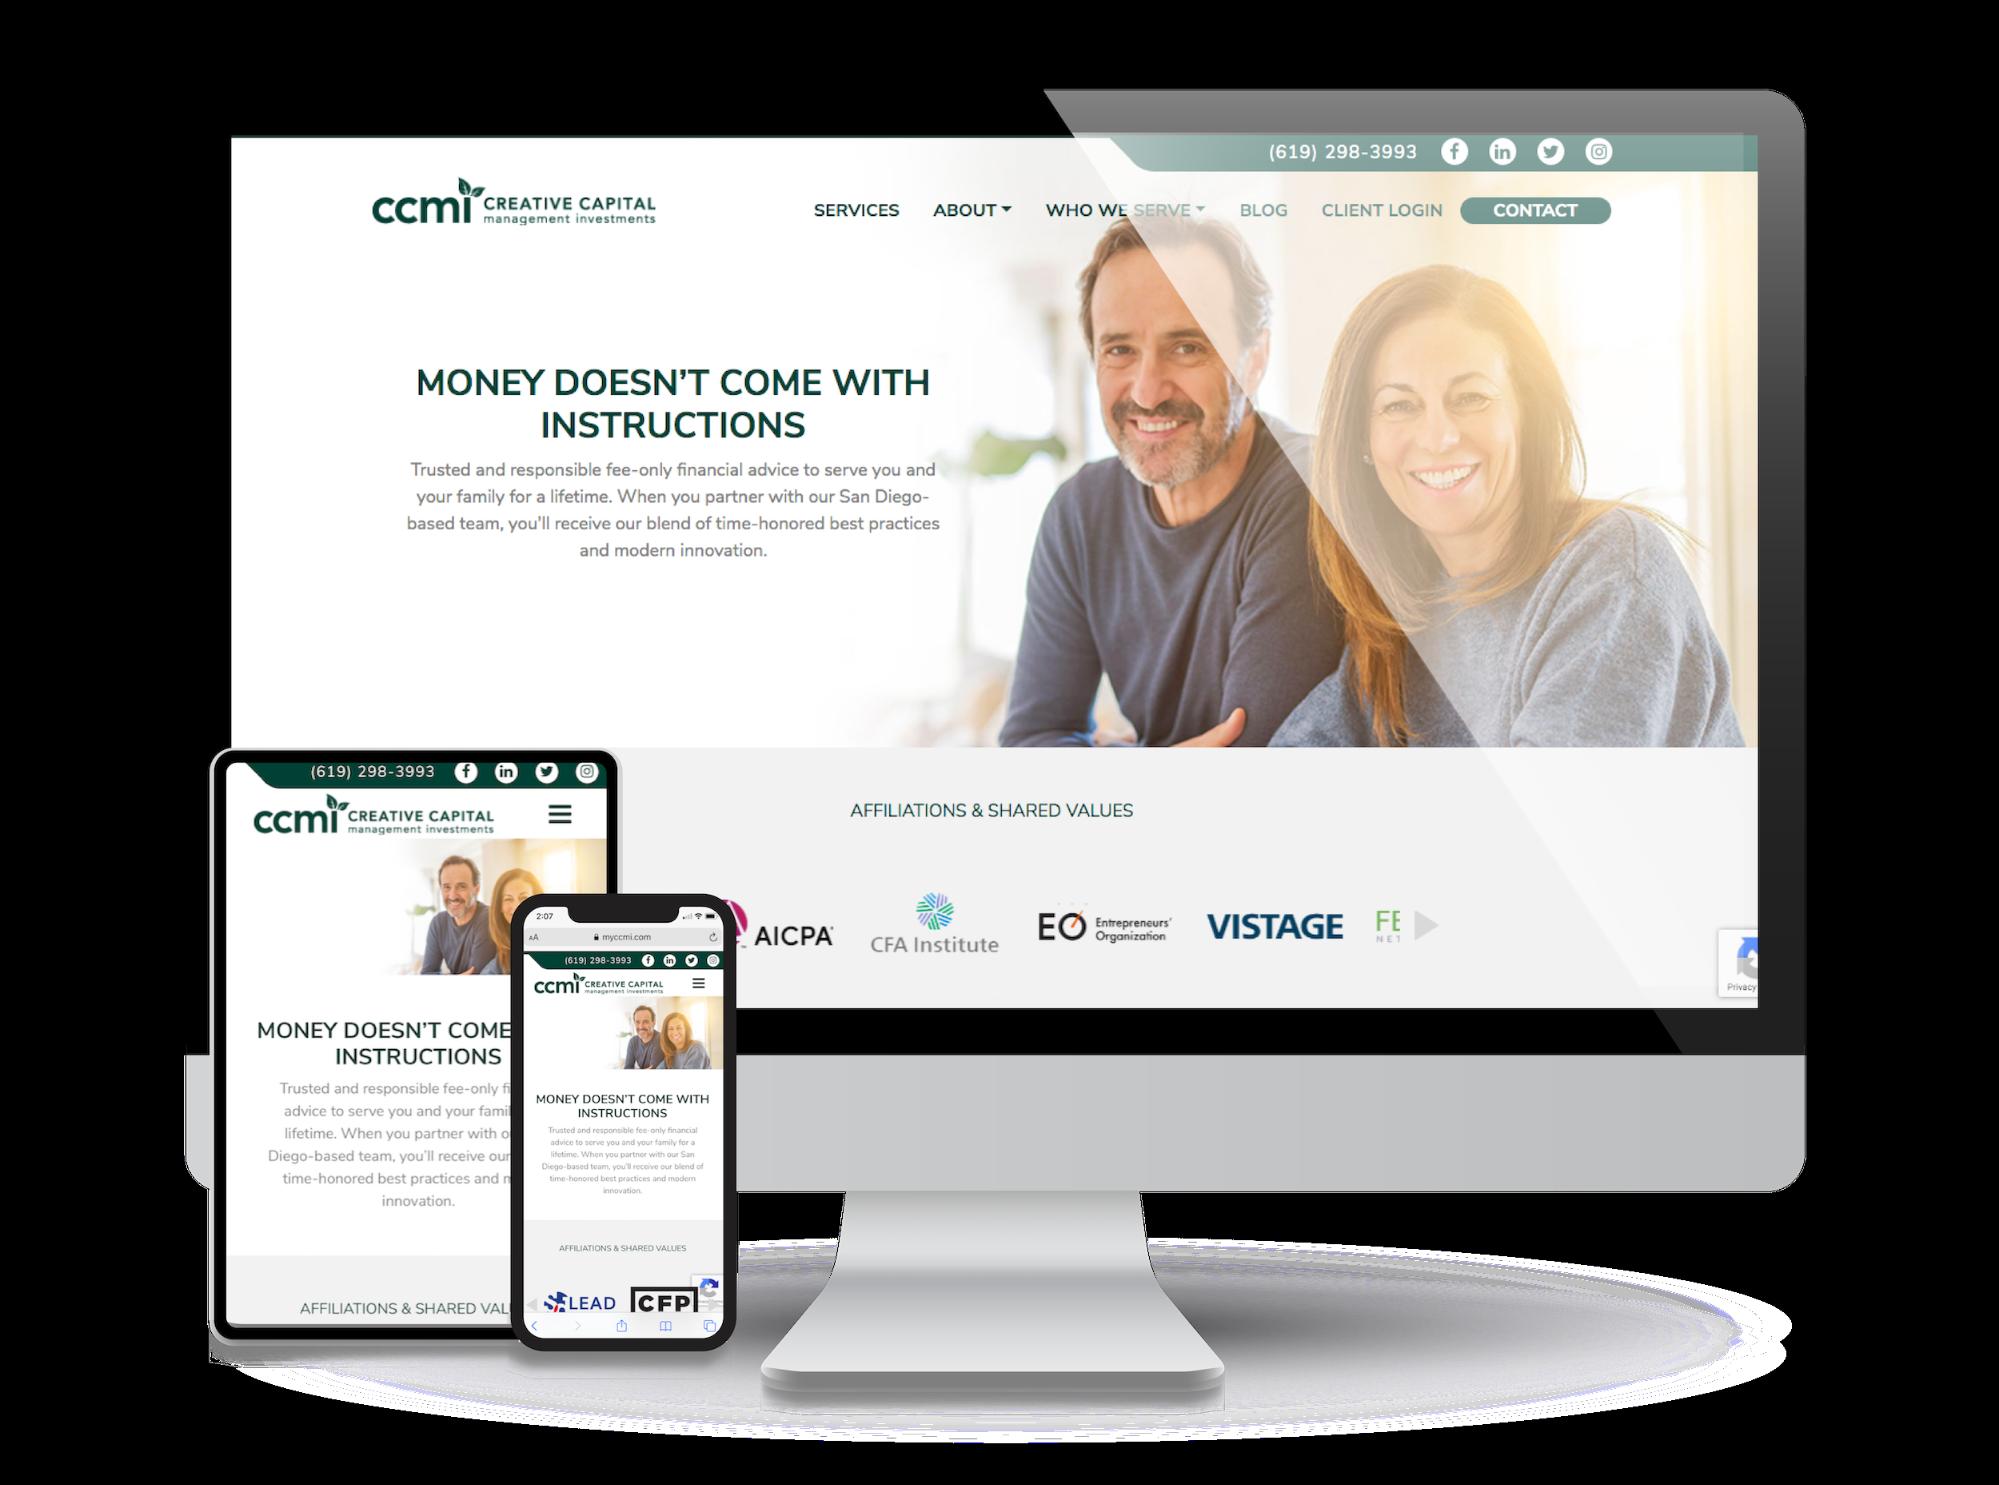 CCMI Webpage